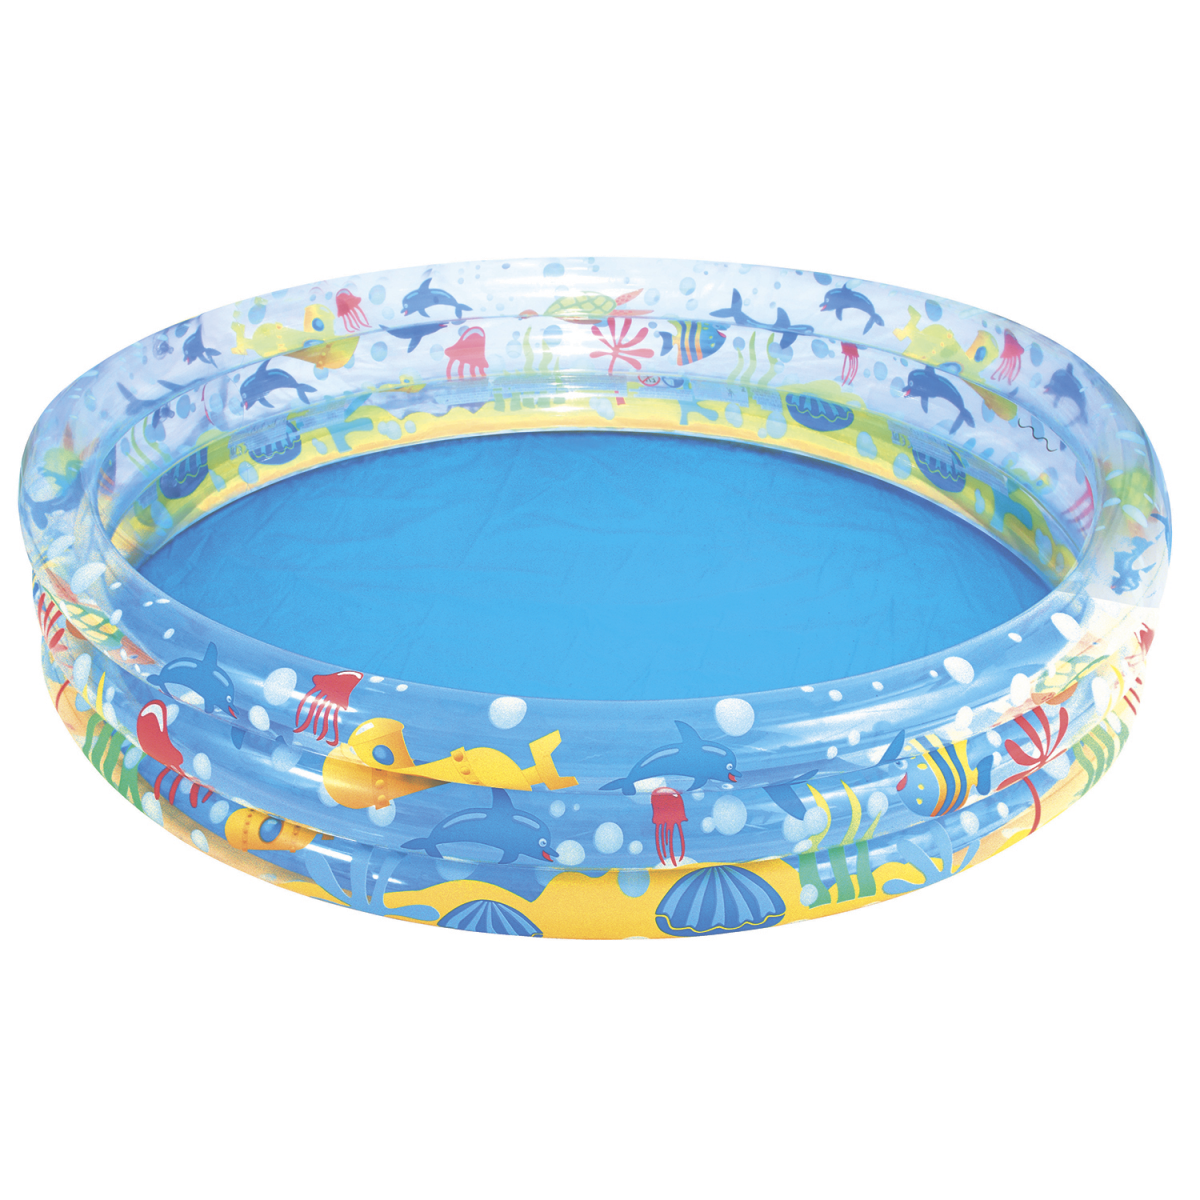 Детский надувной бассейн Bestway 51004 Подводный мир 152x30 см Голубой (RT-8678)